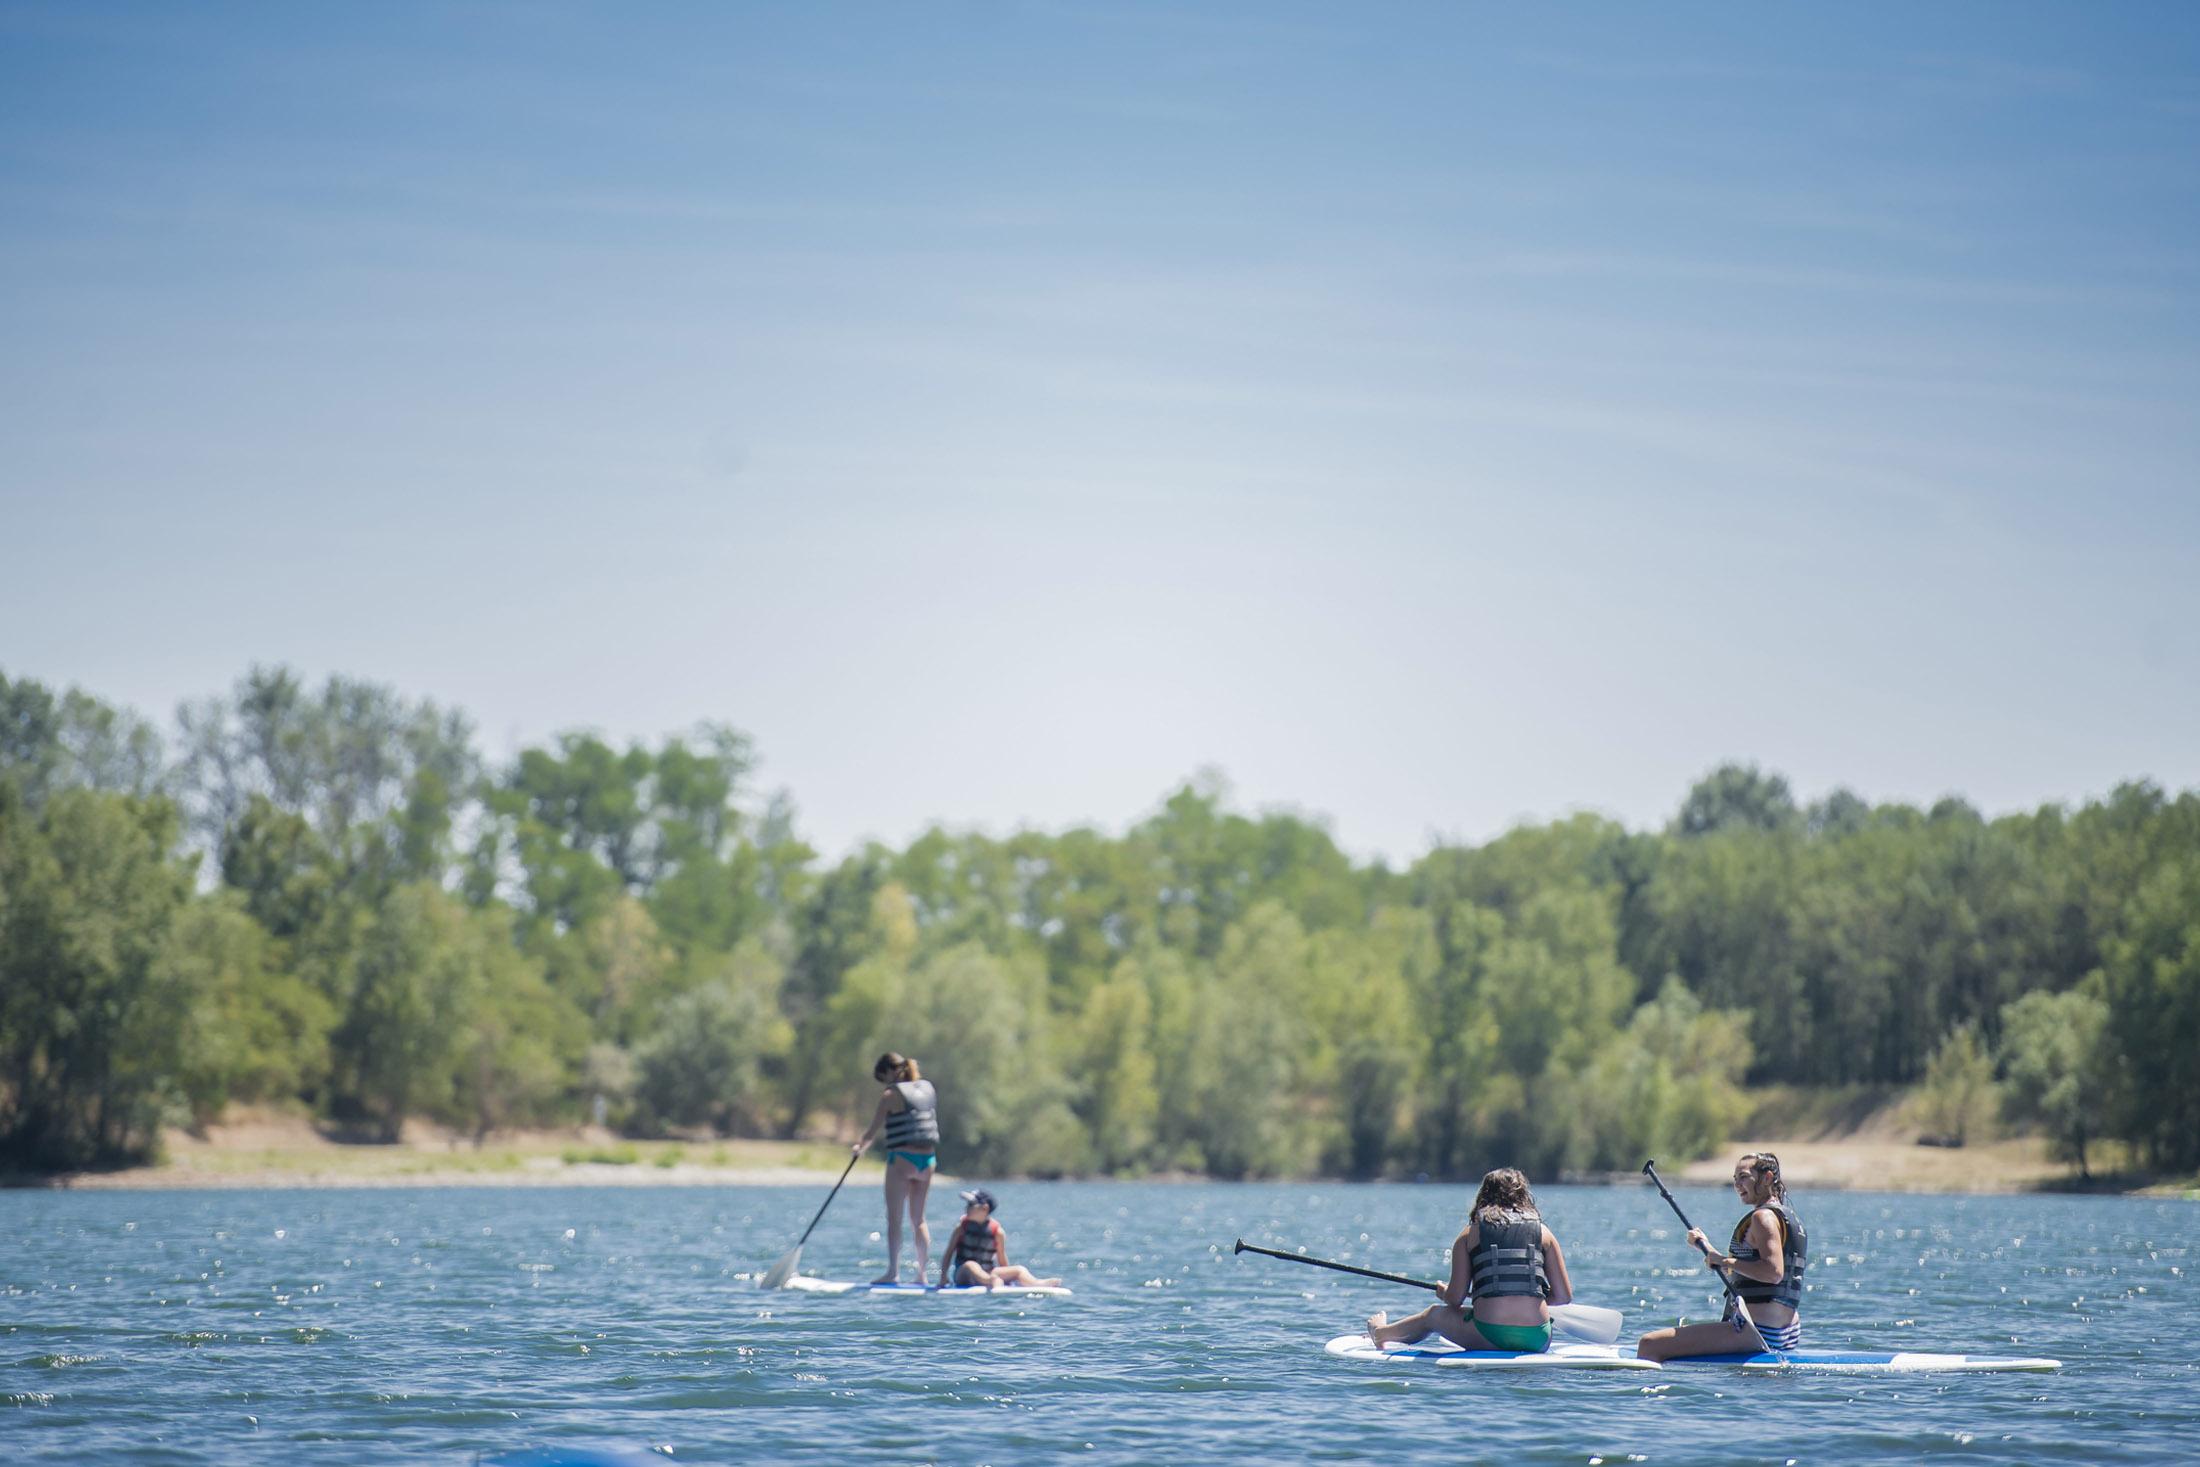 Etoile Park paddle